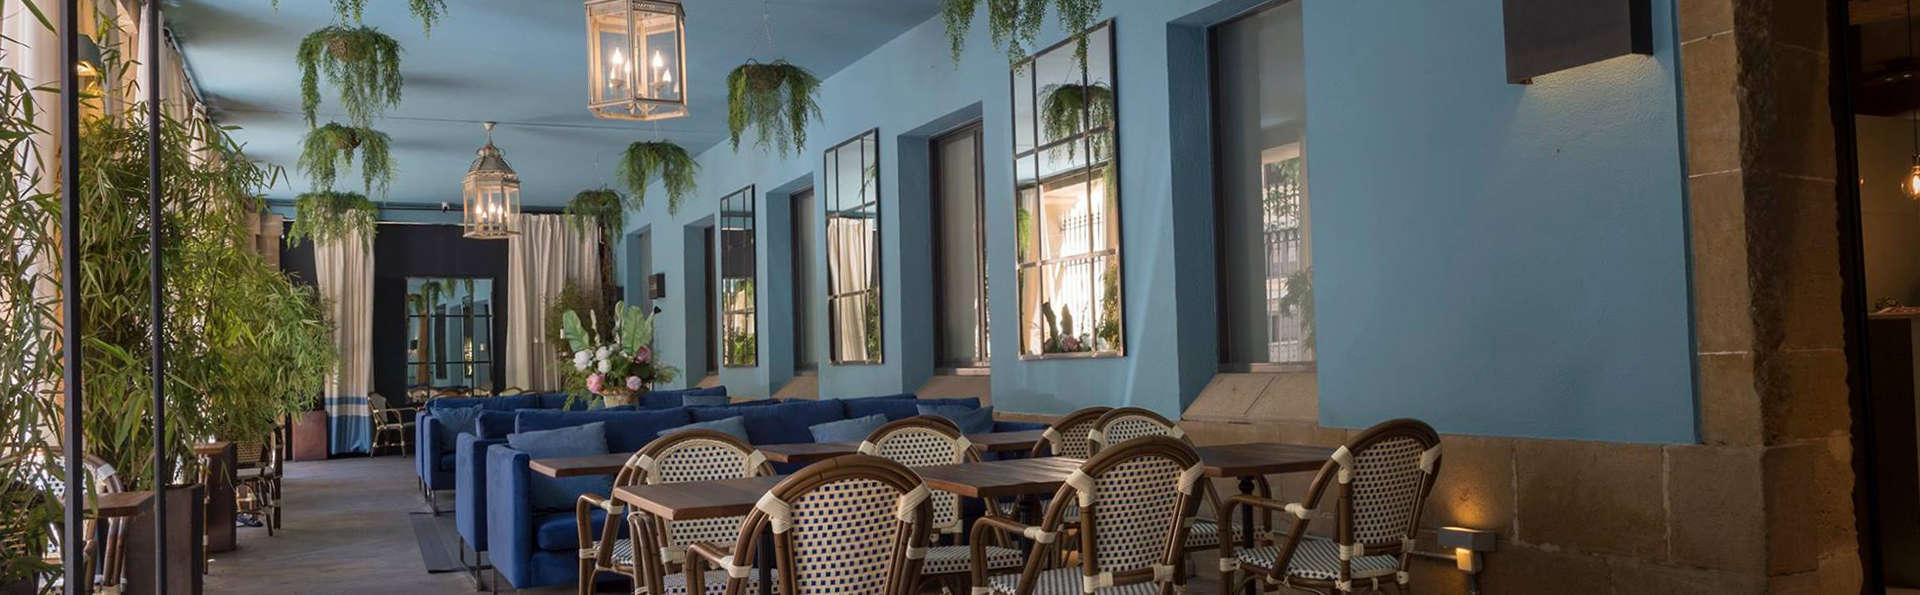 Escapade gastronomique au centre de Pampelune avec un dîner gastronomique